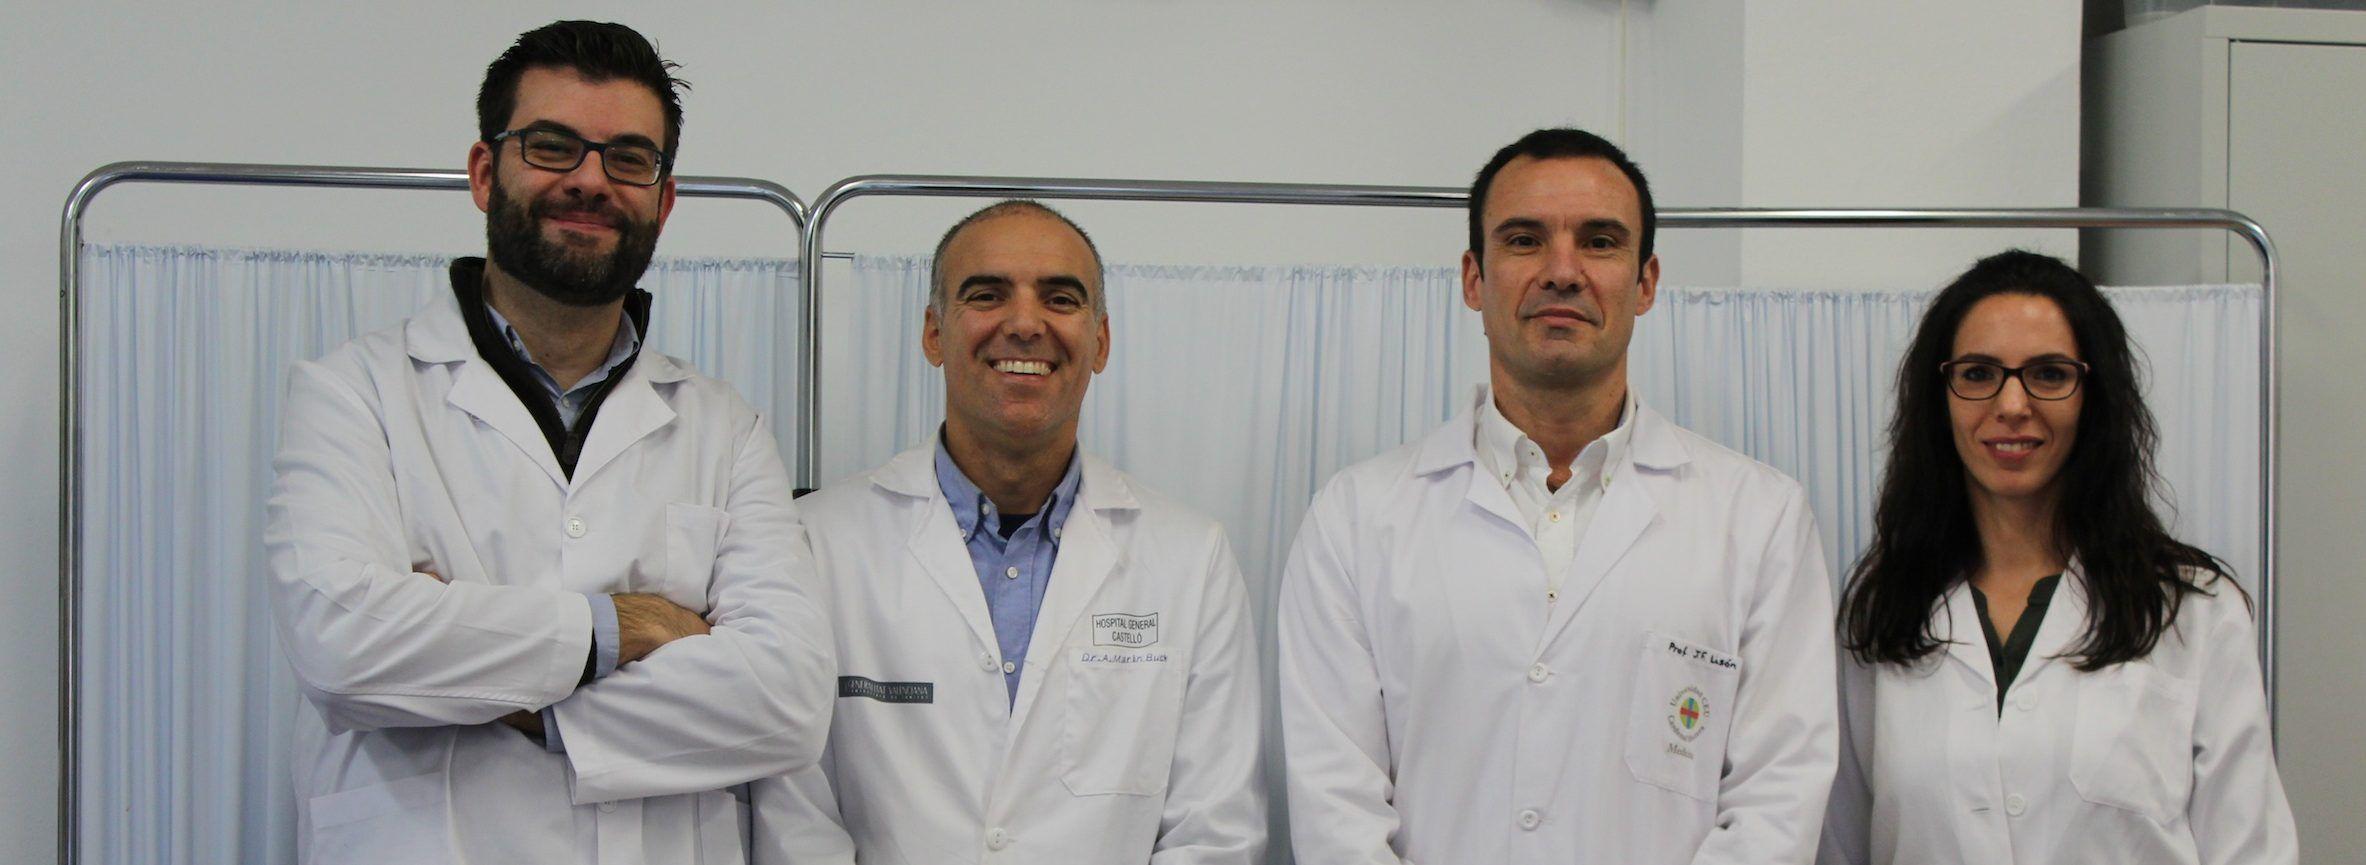 Los investigadores de la CEU-UCH Juan José Amer, Alejandro Marin-Buck, Juan Francisco Lisón y Gemma Bivia, miembros del equipo autor del ensayo clínico sobre uso de TENS en histeroscopias.